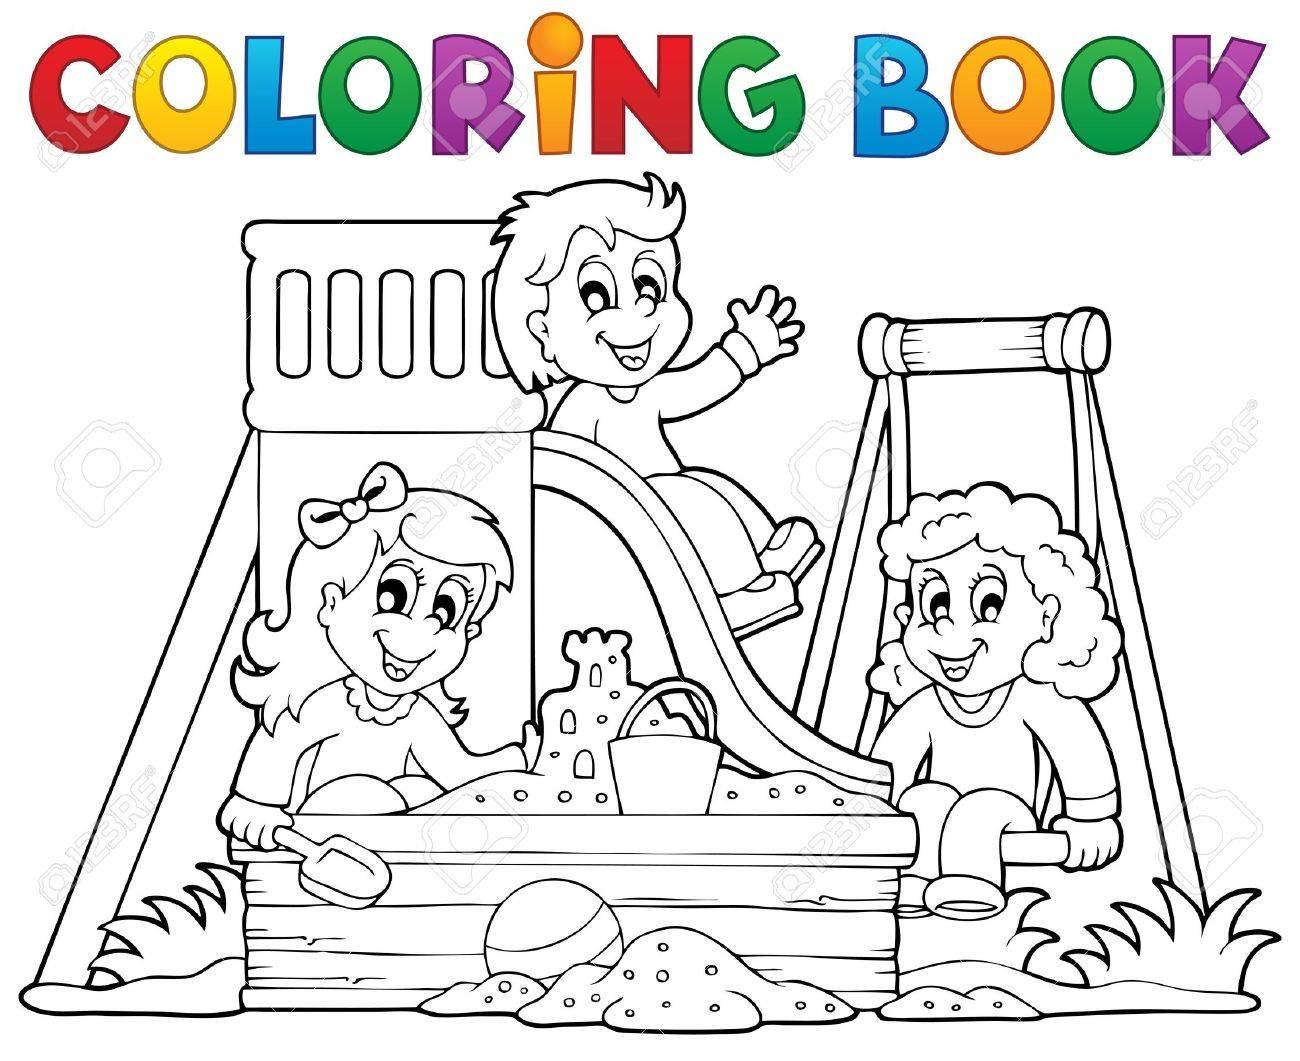 Libro Para Colorear Infantil Parques Temáticos 1 - Eps10 Ilustración ...